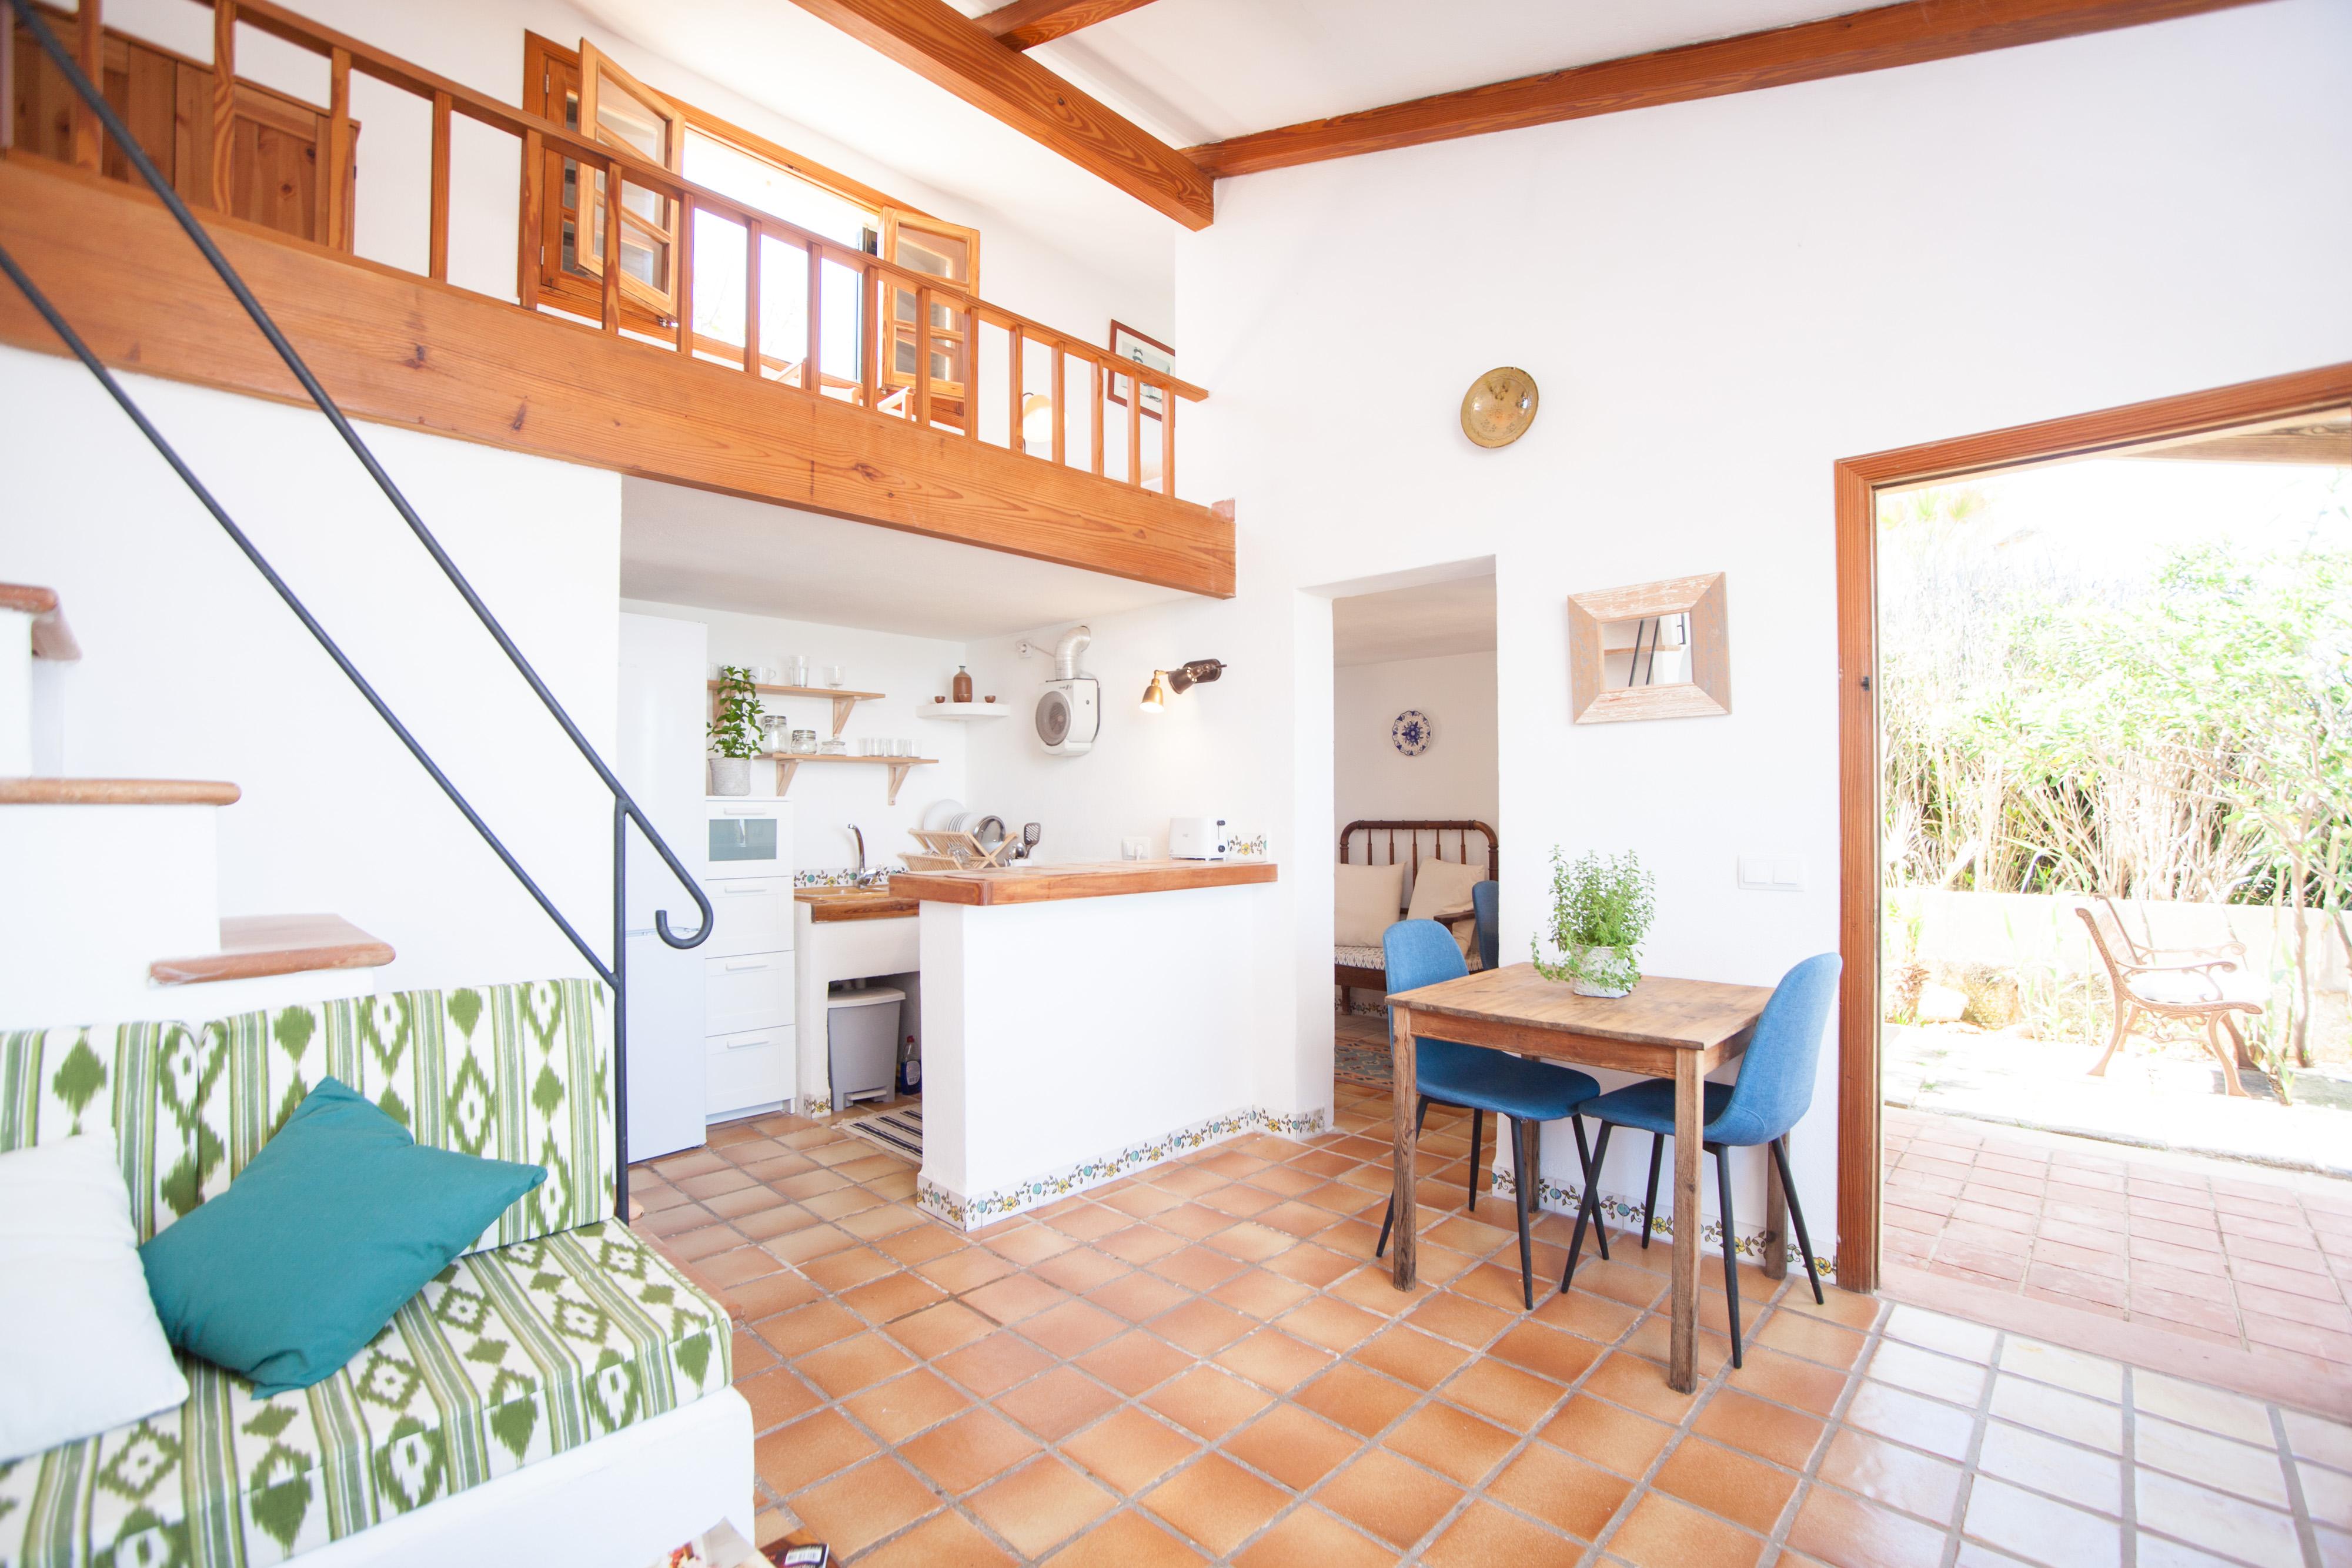 Ferienhaus SA BARQUETA (2177991), Colonia de Sant Pere, Mallorca, Balearische Inseln, Spanien, Bild 13